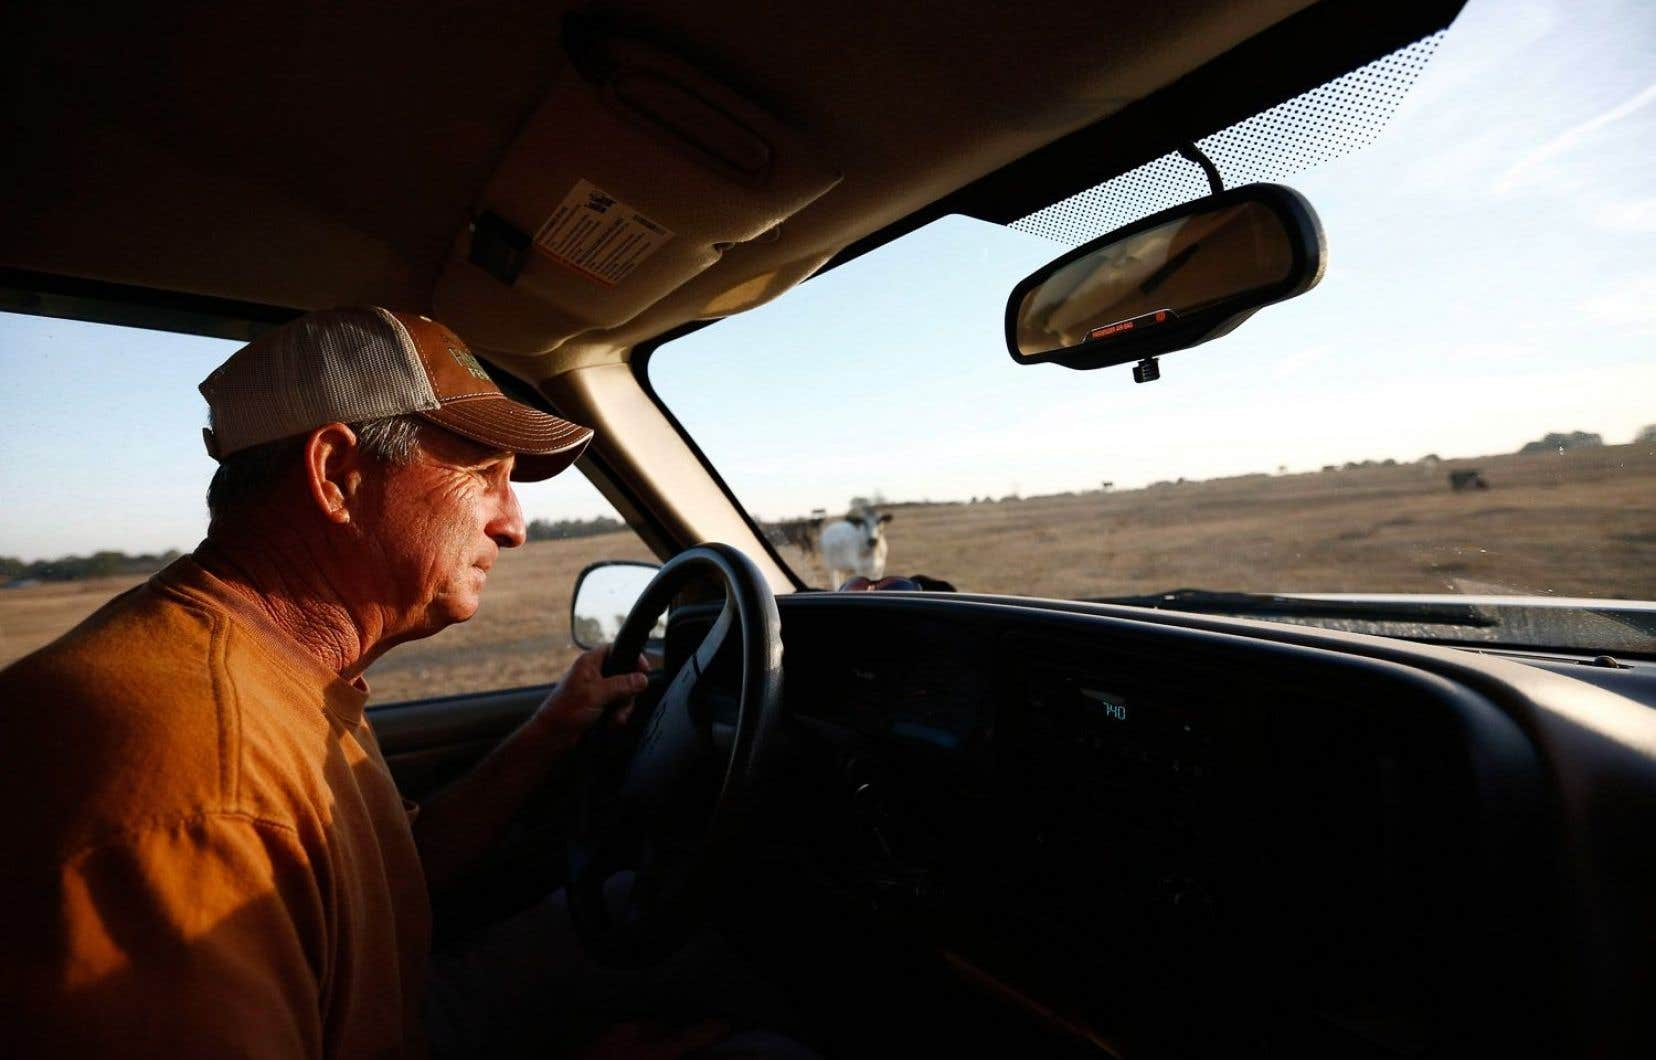 David Bailey jette un coup d'oeil à ses vaches. Le fermier a dû vendre la moitié de son troupeau - plus de 100 animaux - par crainte de ne pas pouvoir les nourrir tout l'hiver.